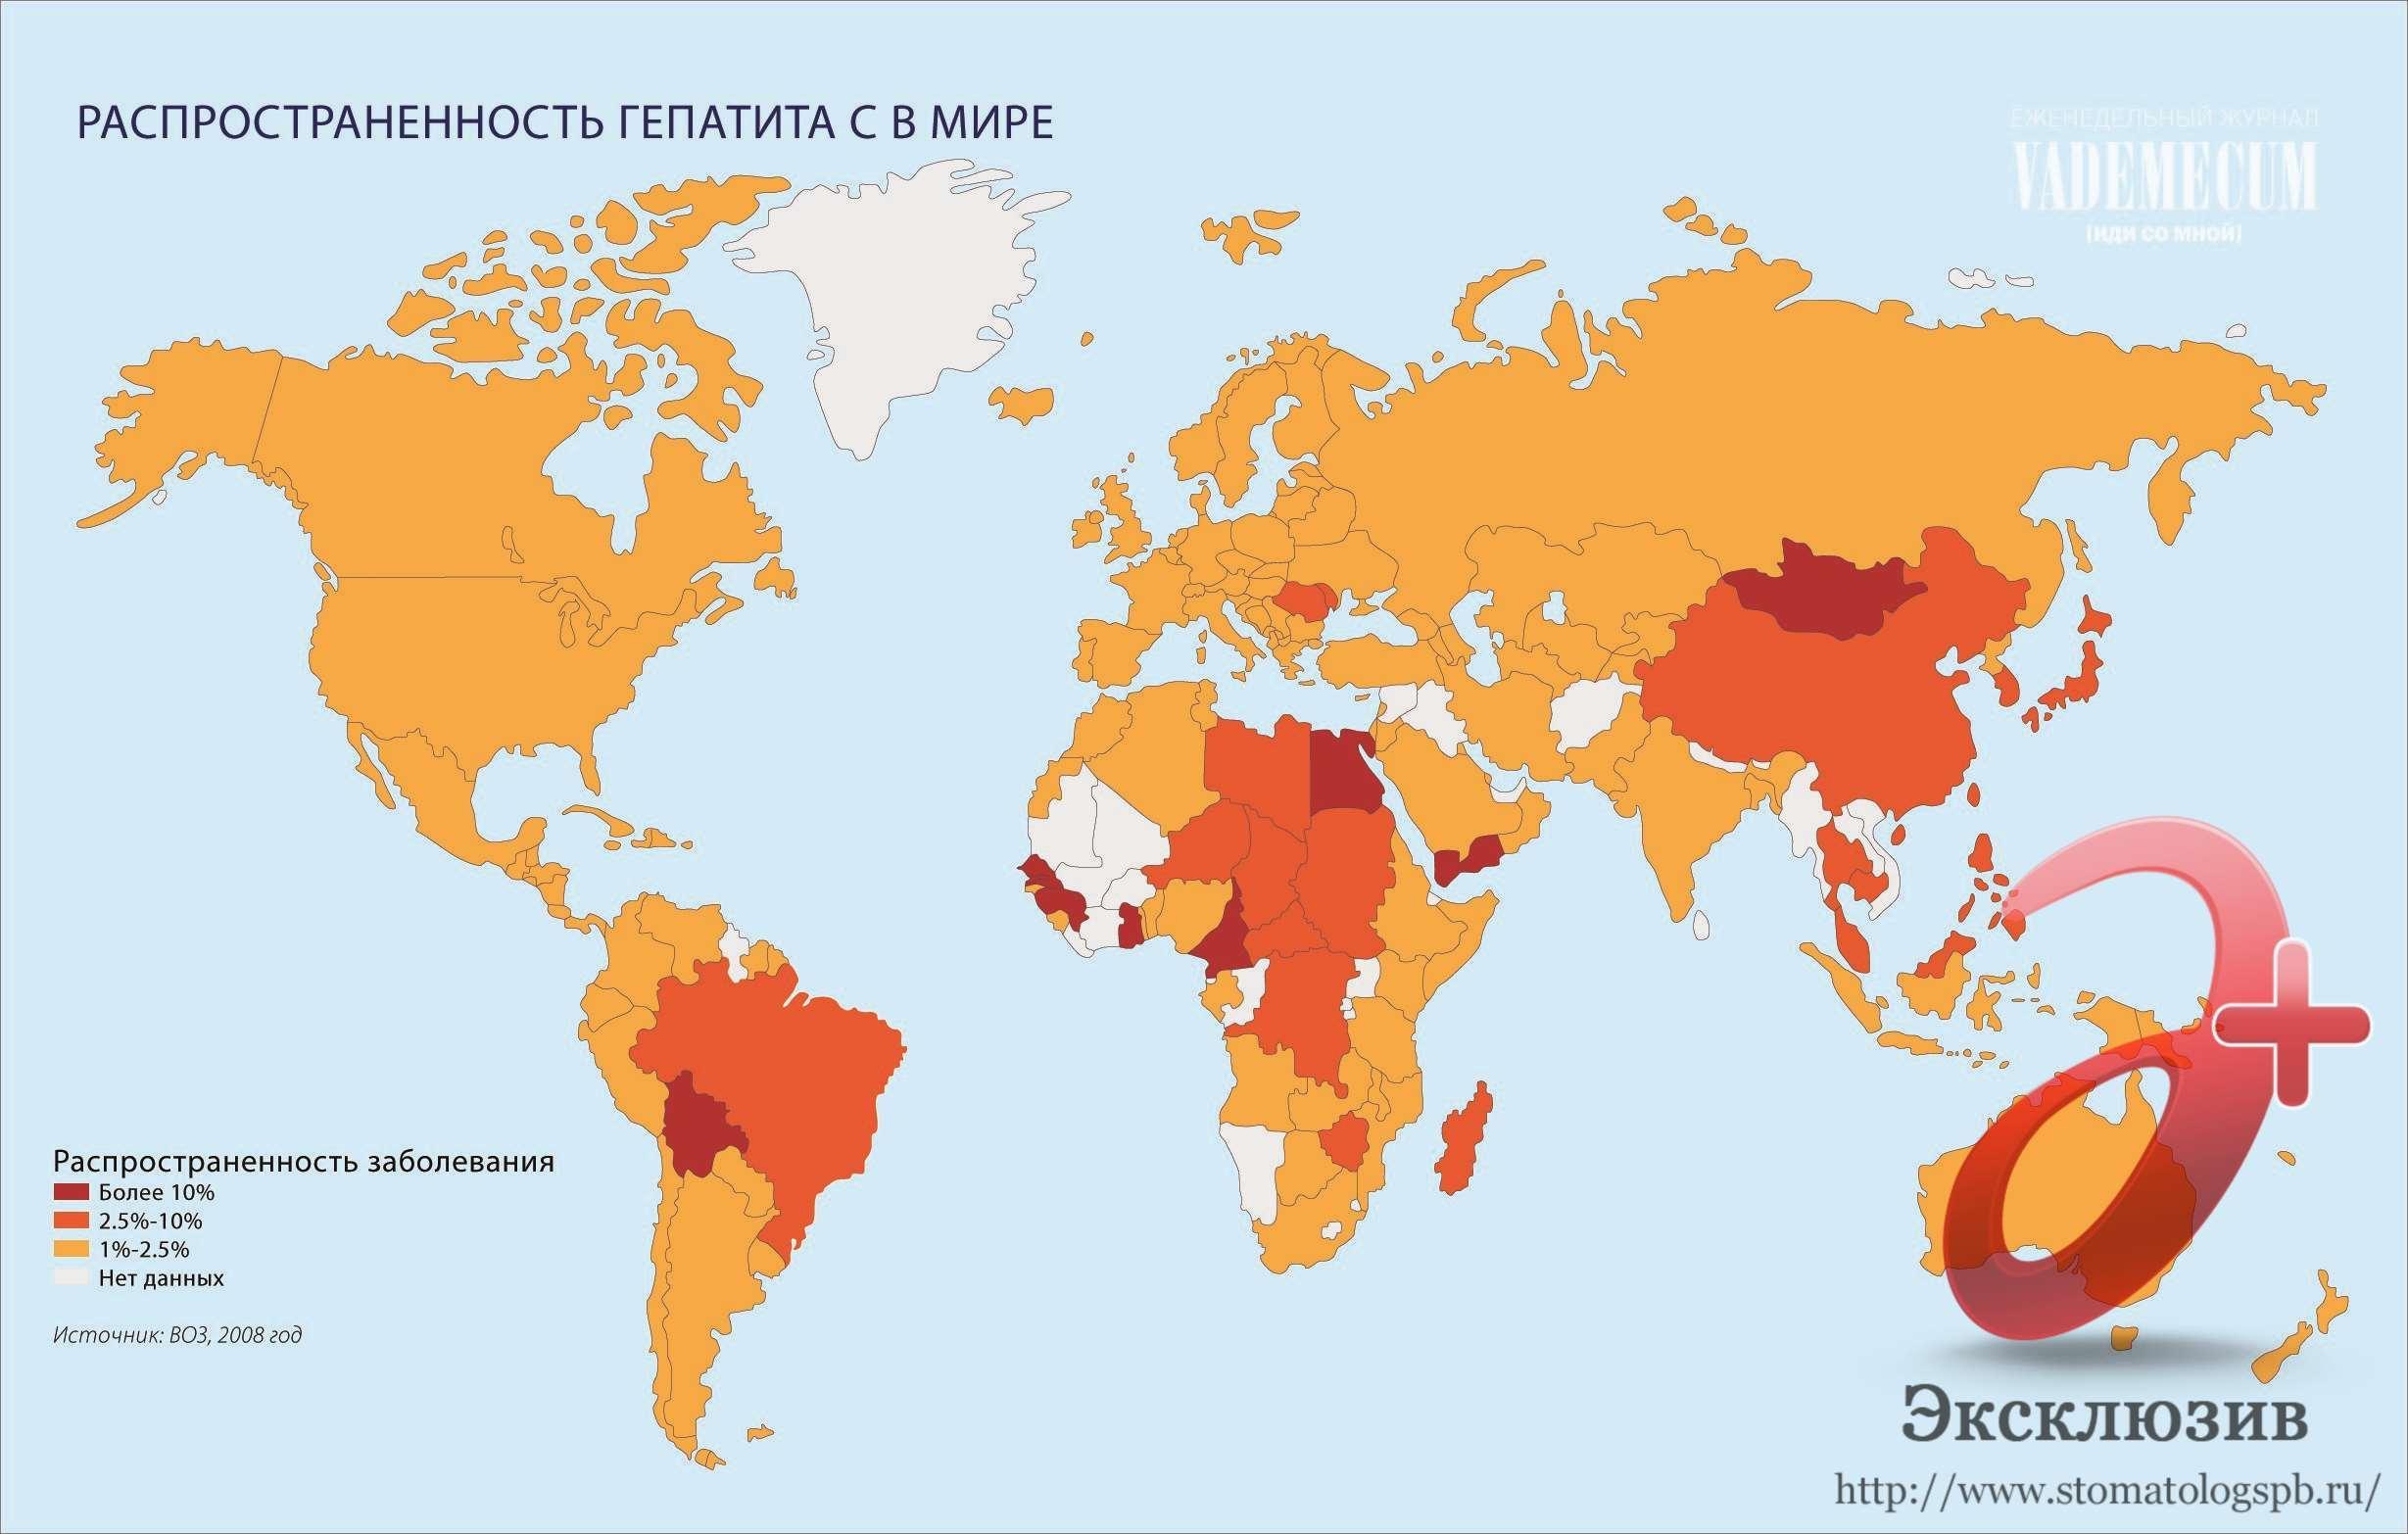 Карта больных гепатитом С по данным ВОЗ 2008 год